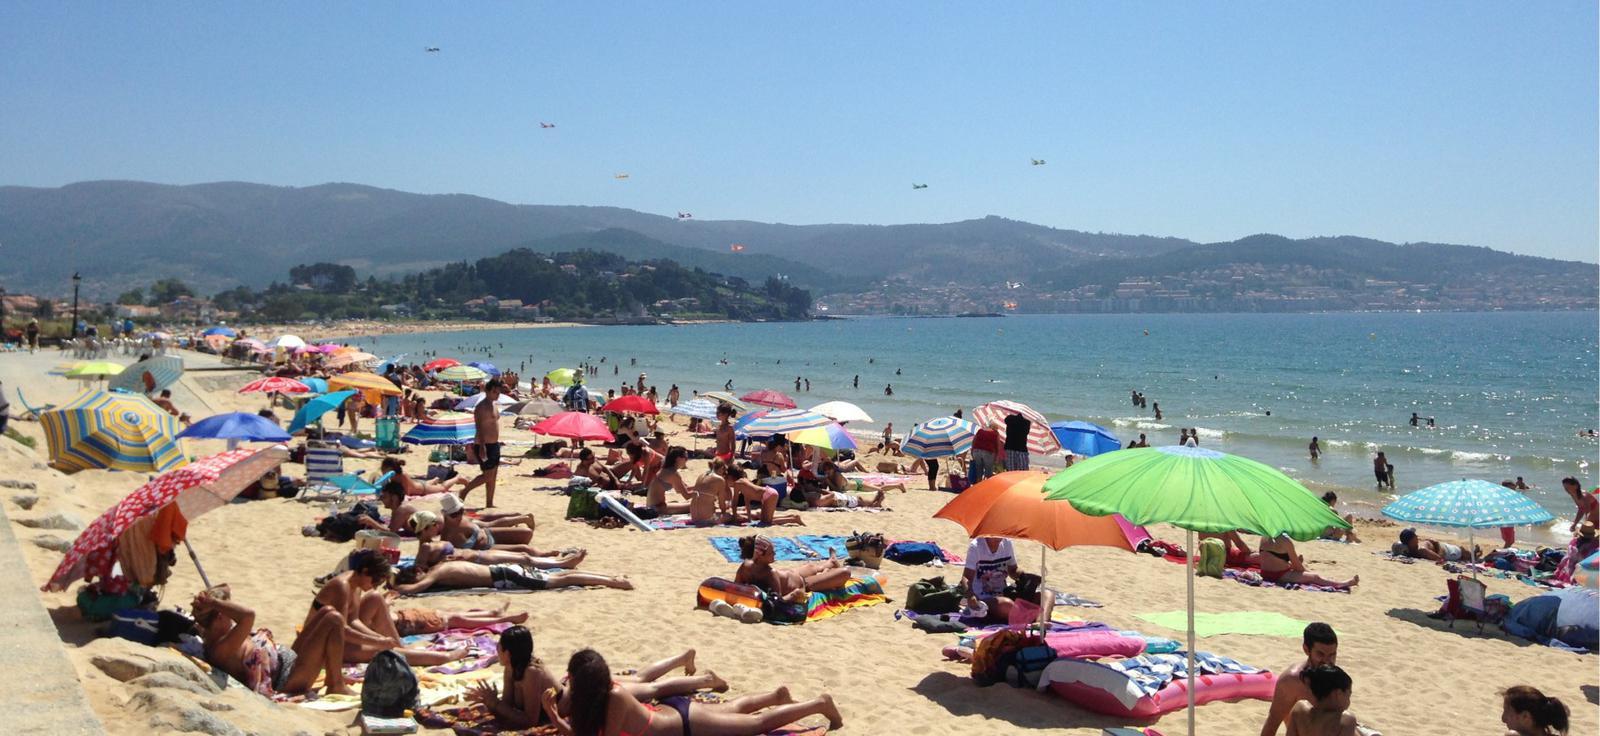 Disfrutando del sol y la playa América los días previos al festival